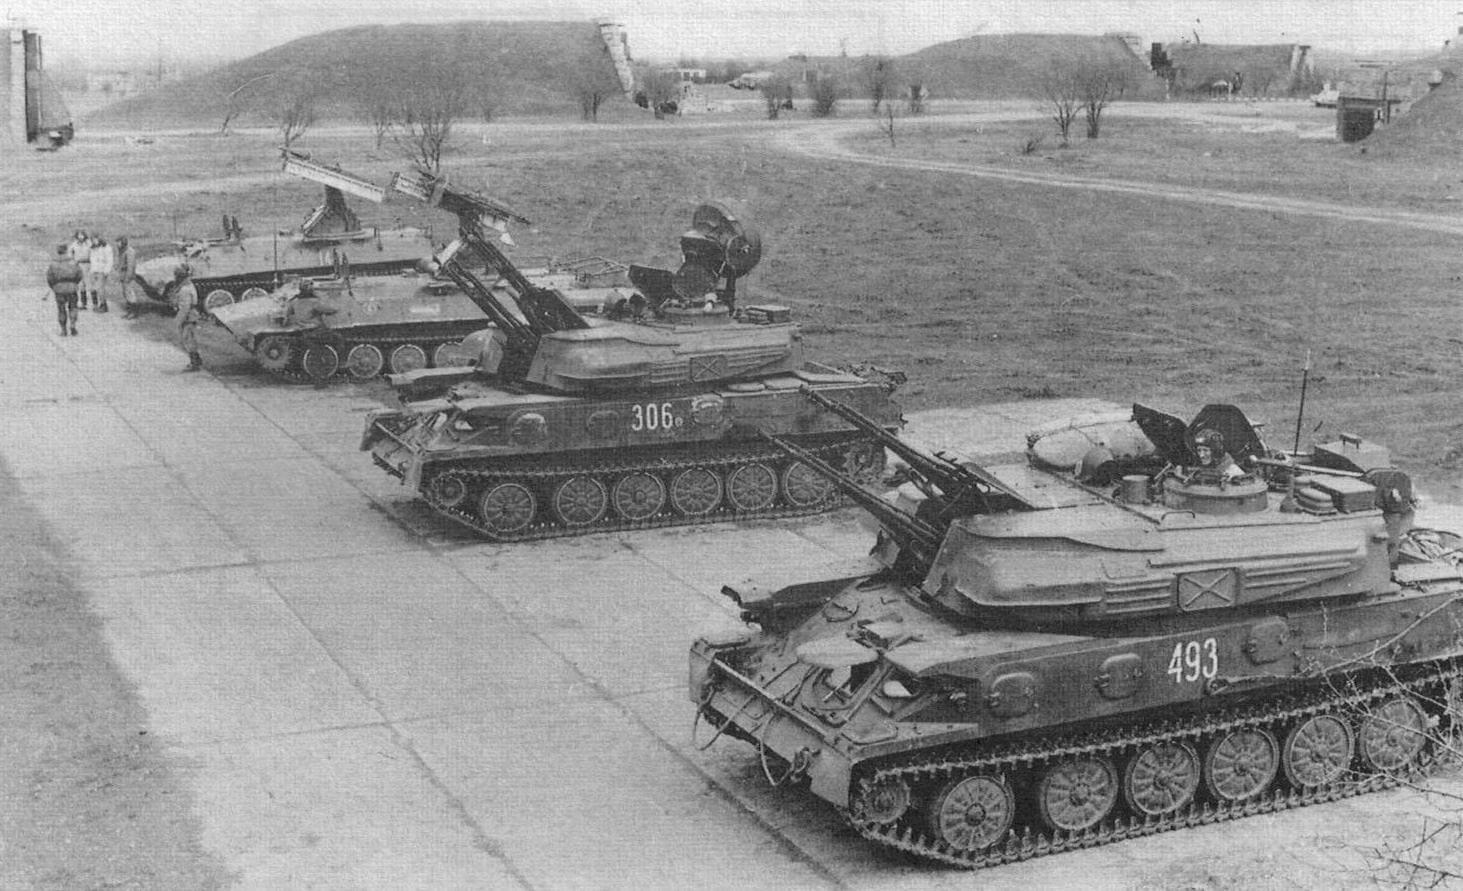 Зенитная ракетно-артиллерийская полковая батарея на учебных занятиях. 14-я армия, Приднестровье, апрель 1995 года. На снимке хорошо виден штатный состав батареи - две ЗСУ-23-4М и два СЗРК «Стрела-10»